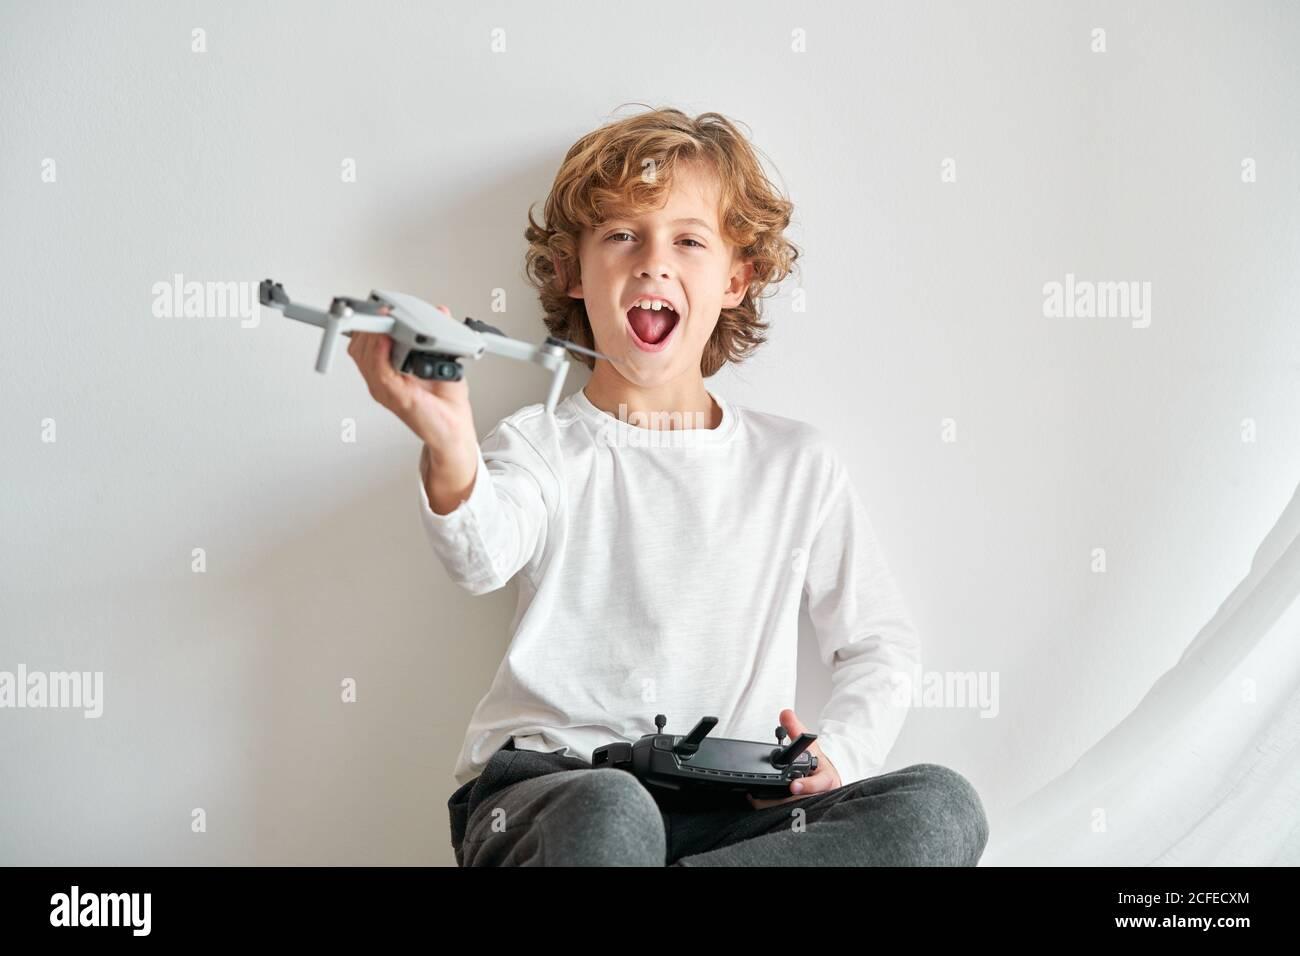 Kind manipuliert eine Drohne und die Fernbedienung gerade gegeben Zu ihm Stockfoto